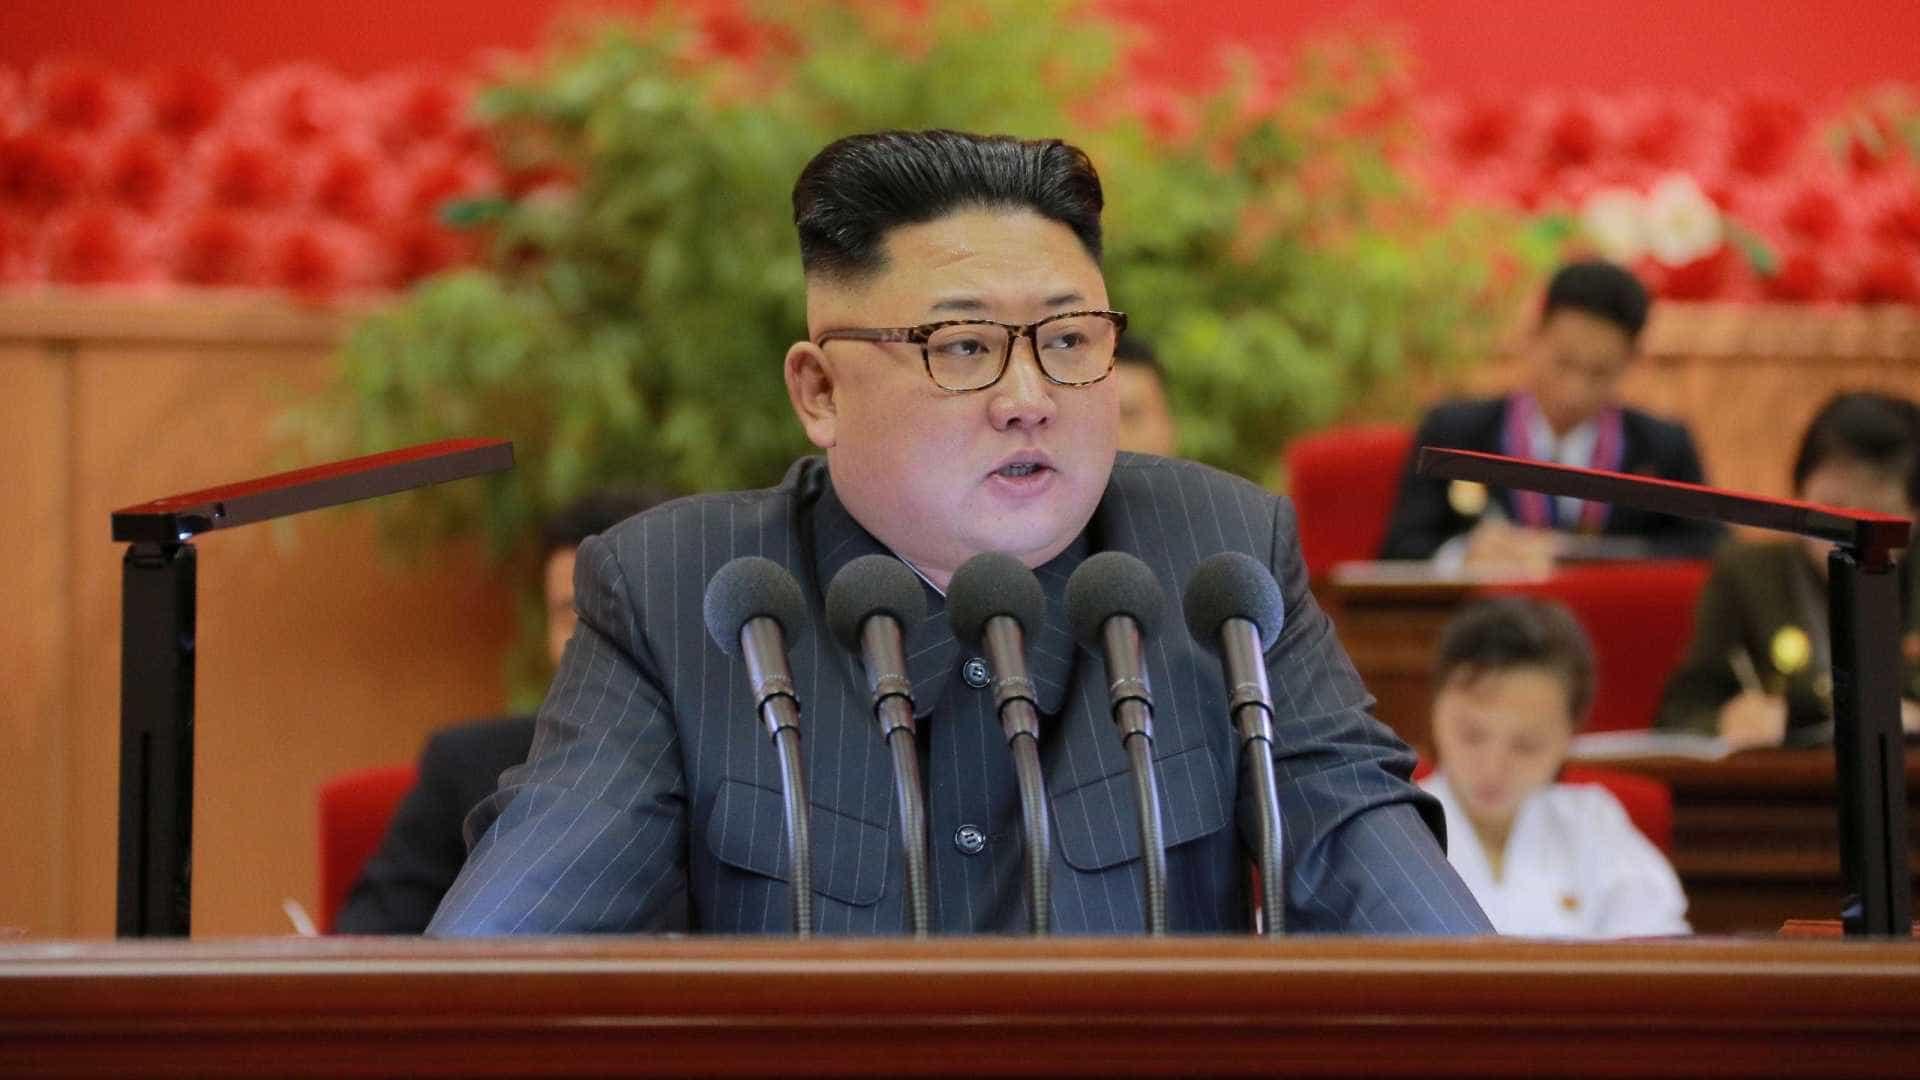 Coreia do Norte pede ajuda humanitária devido à falta de alimentos